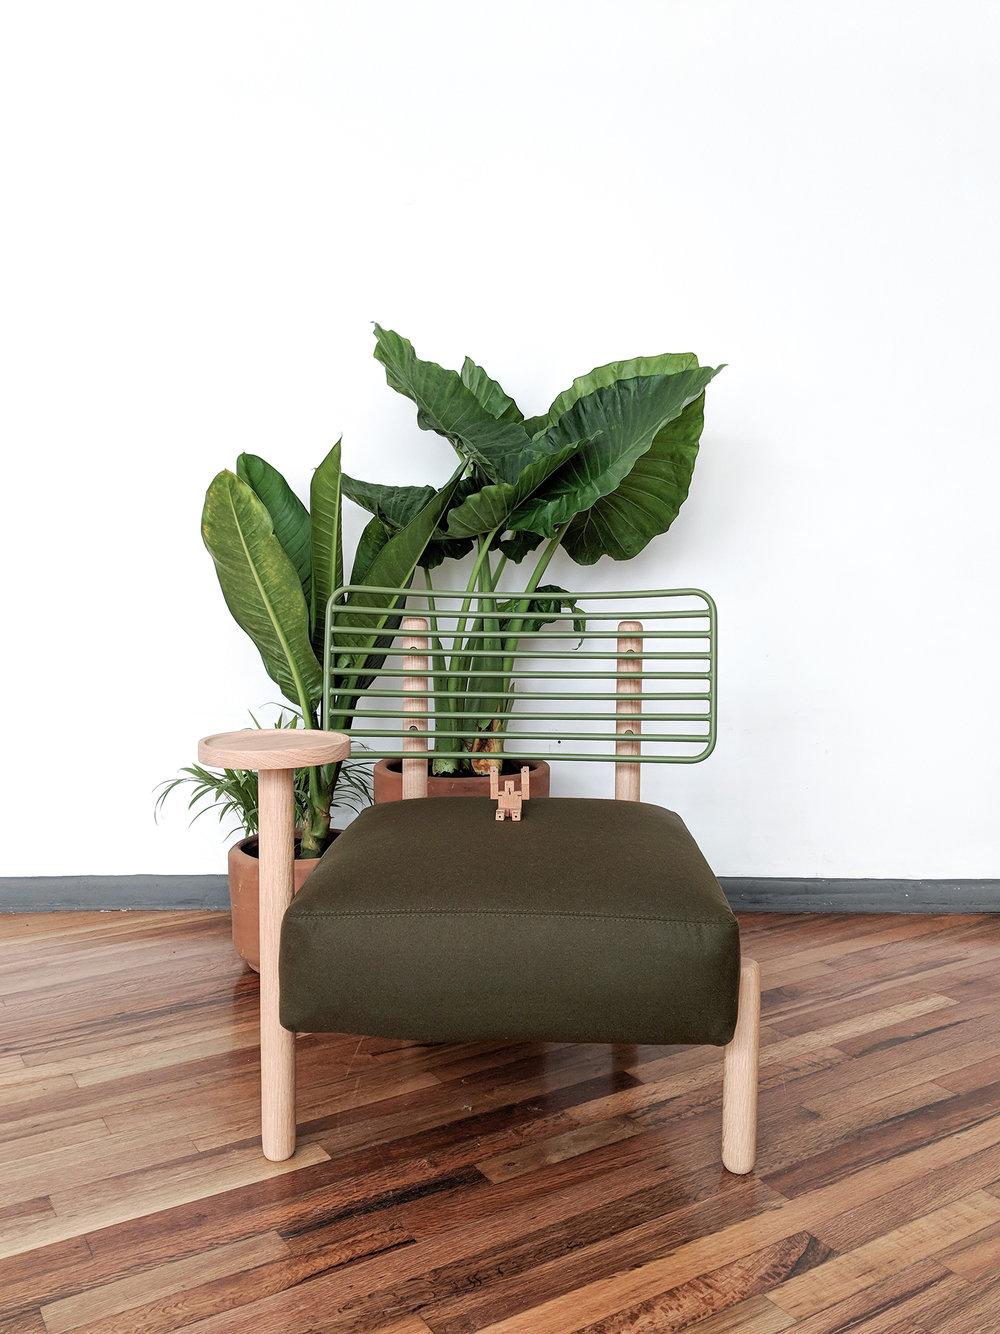 Matamoros armchair.